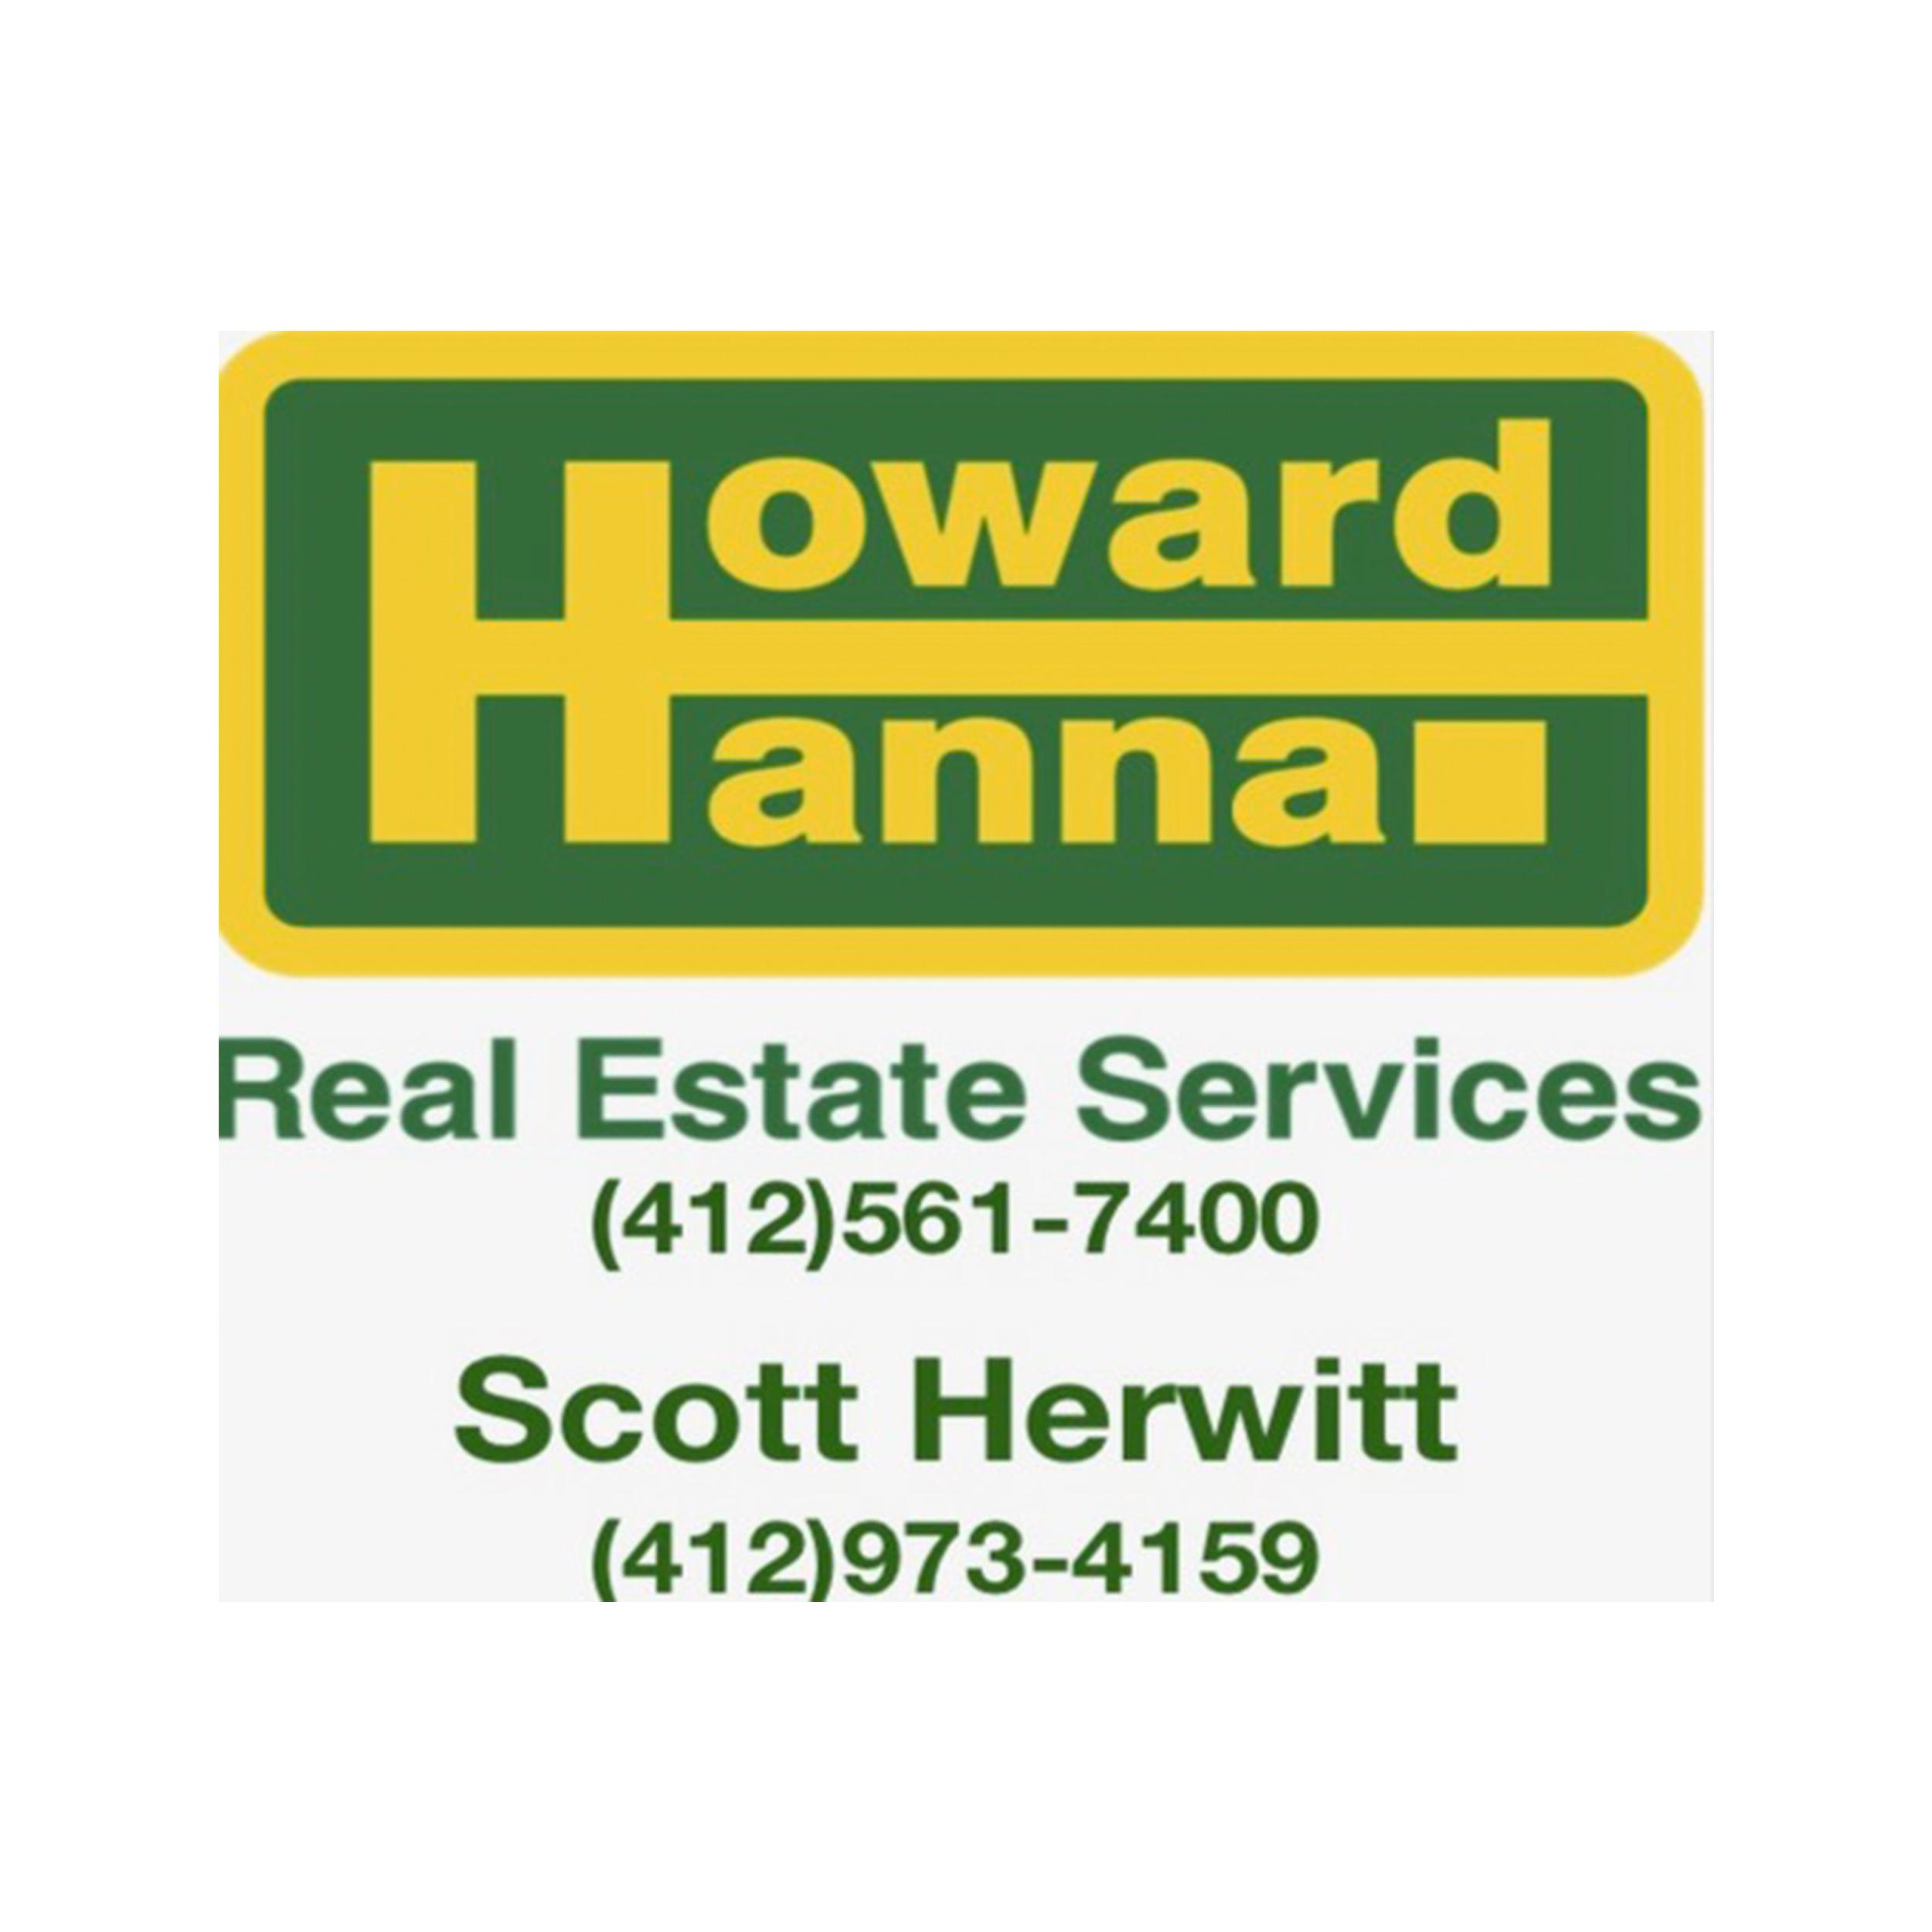 HowardHannaForWebsite.jpg